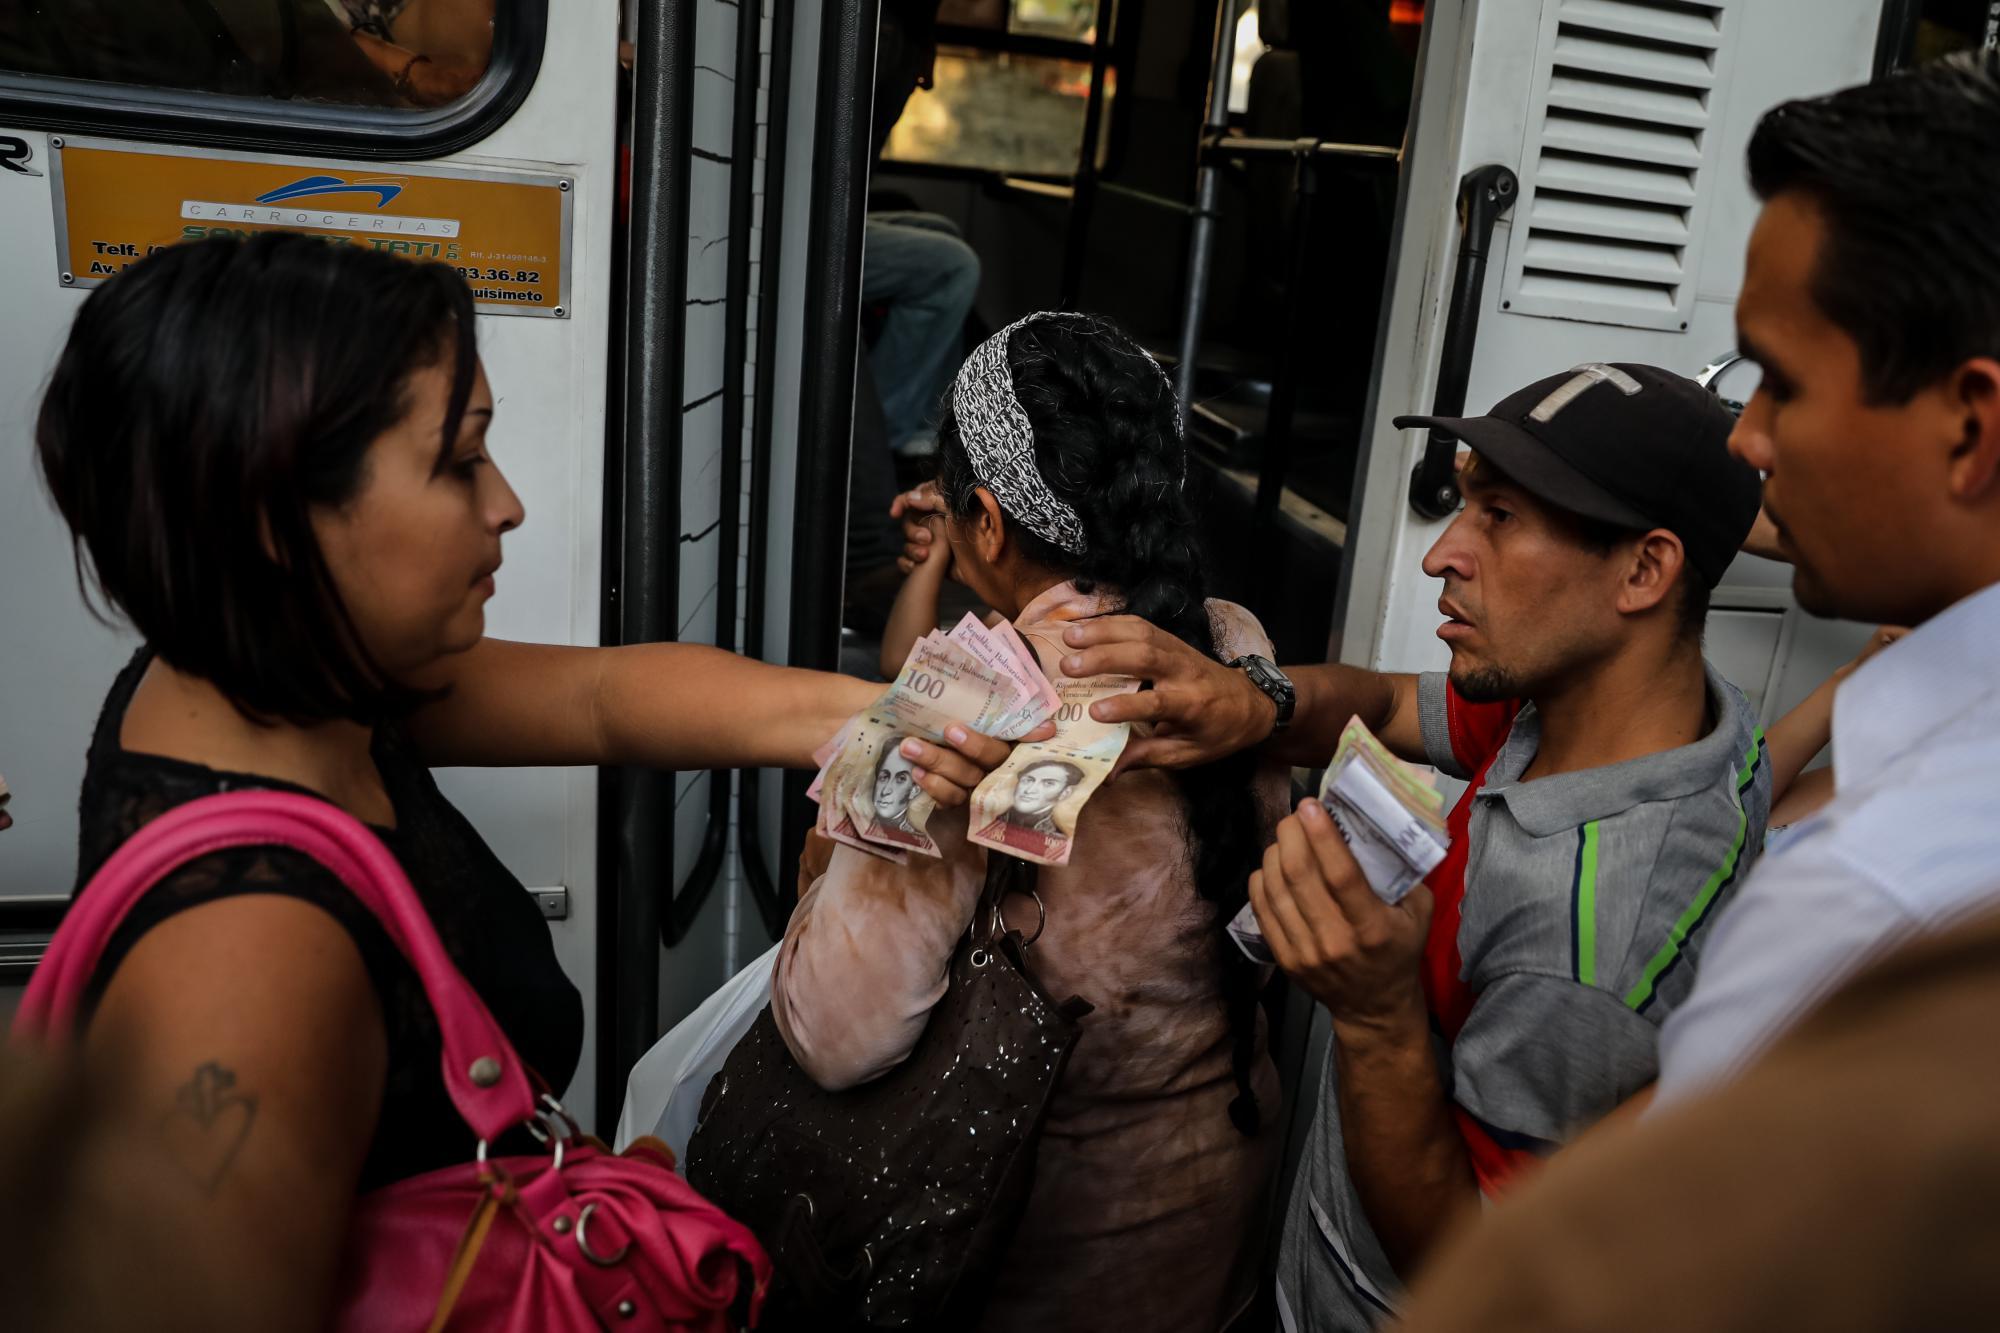 La cesta de la compra en Venezuela crece a diario por la disparada inflación / EFE: Miguel Gutiérrez